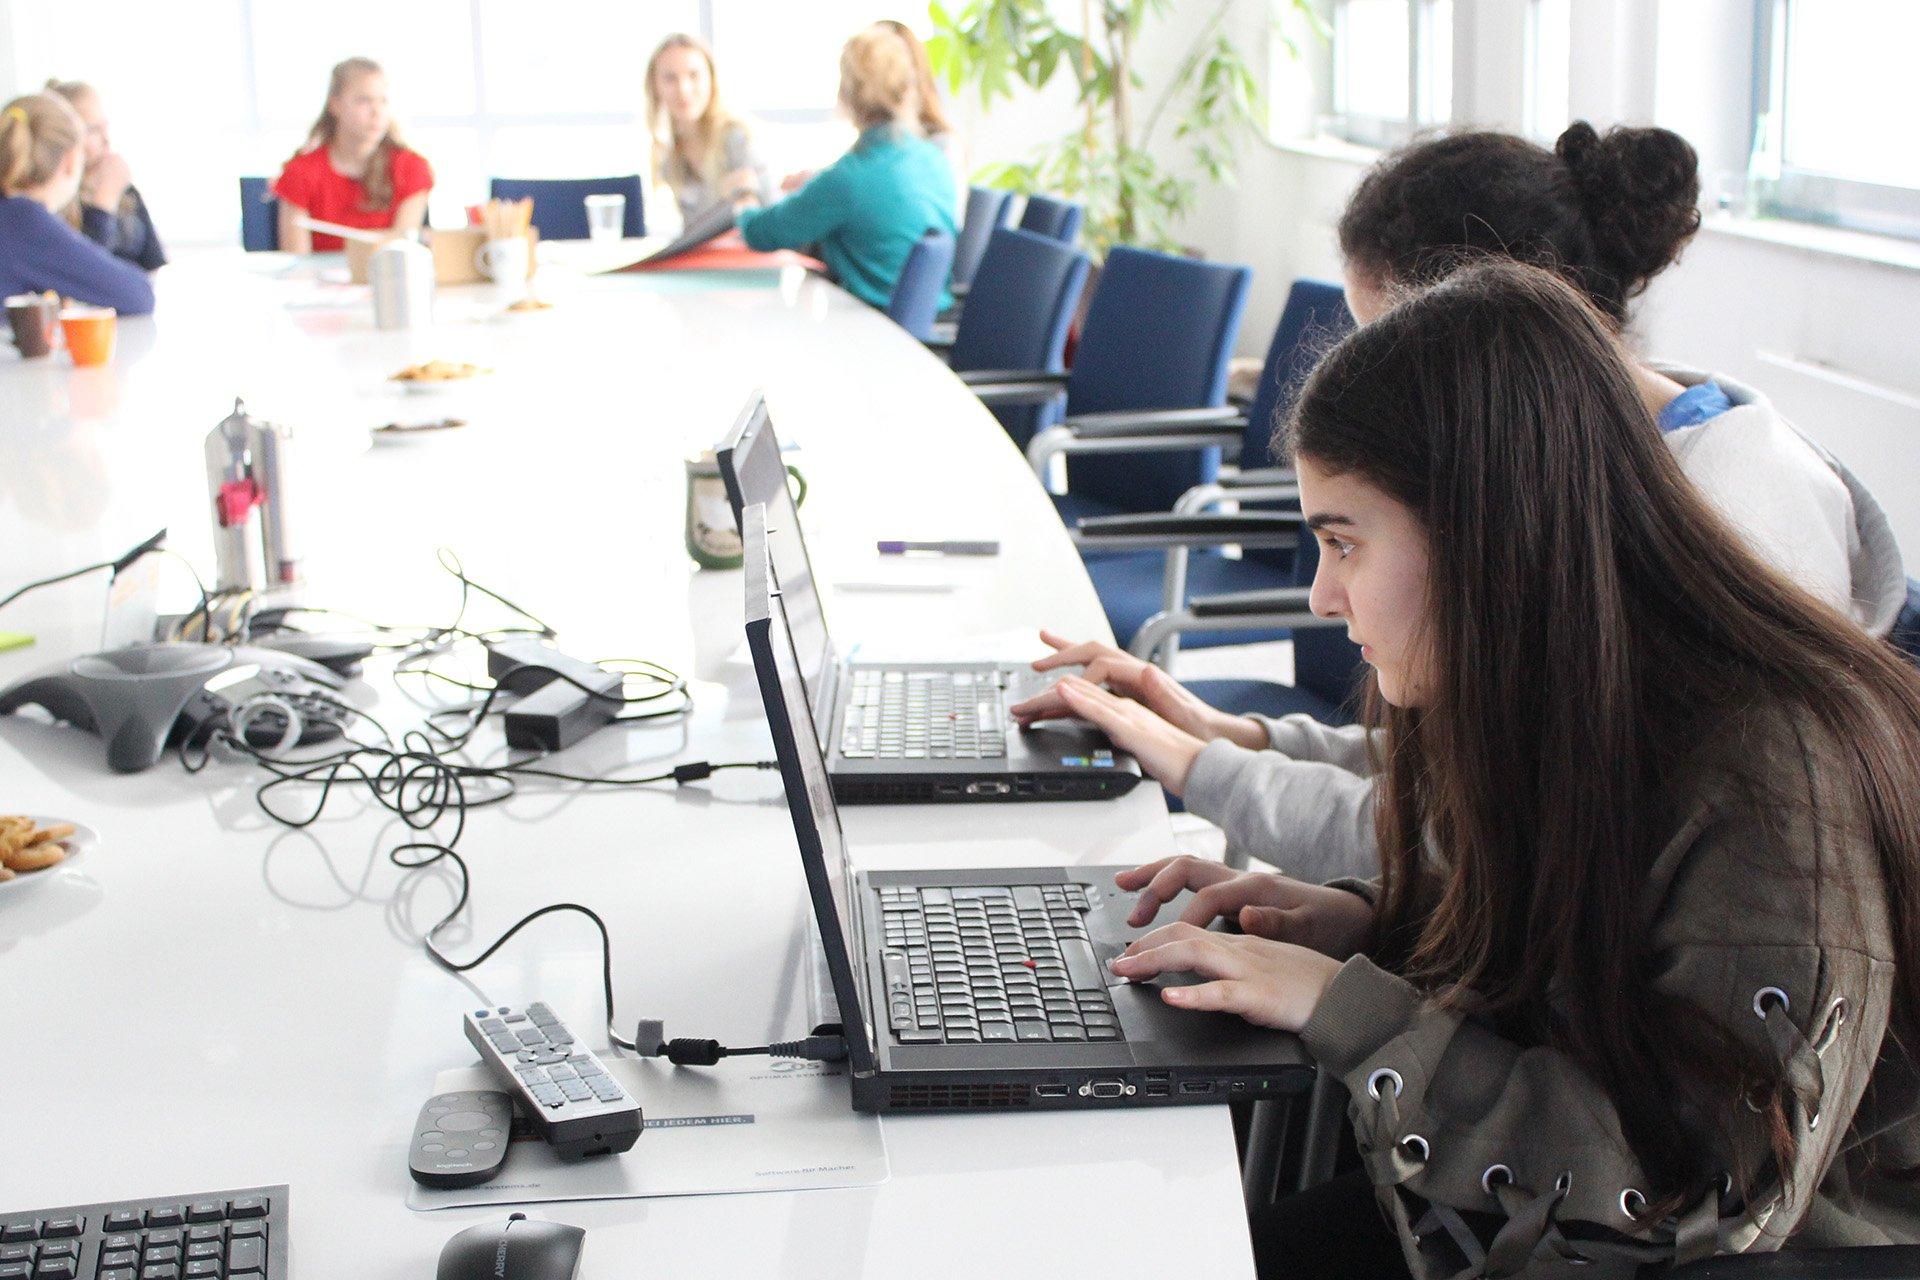 Mädchen arbeiten konzentriert an Laptops